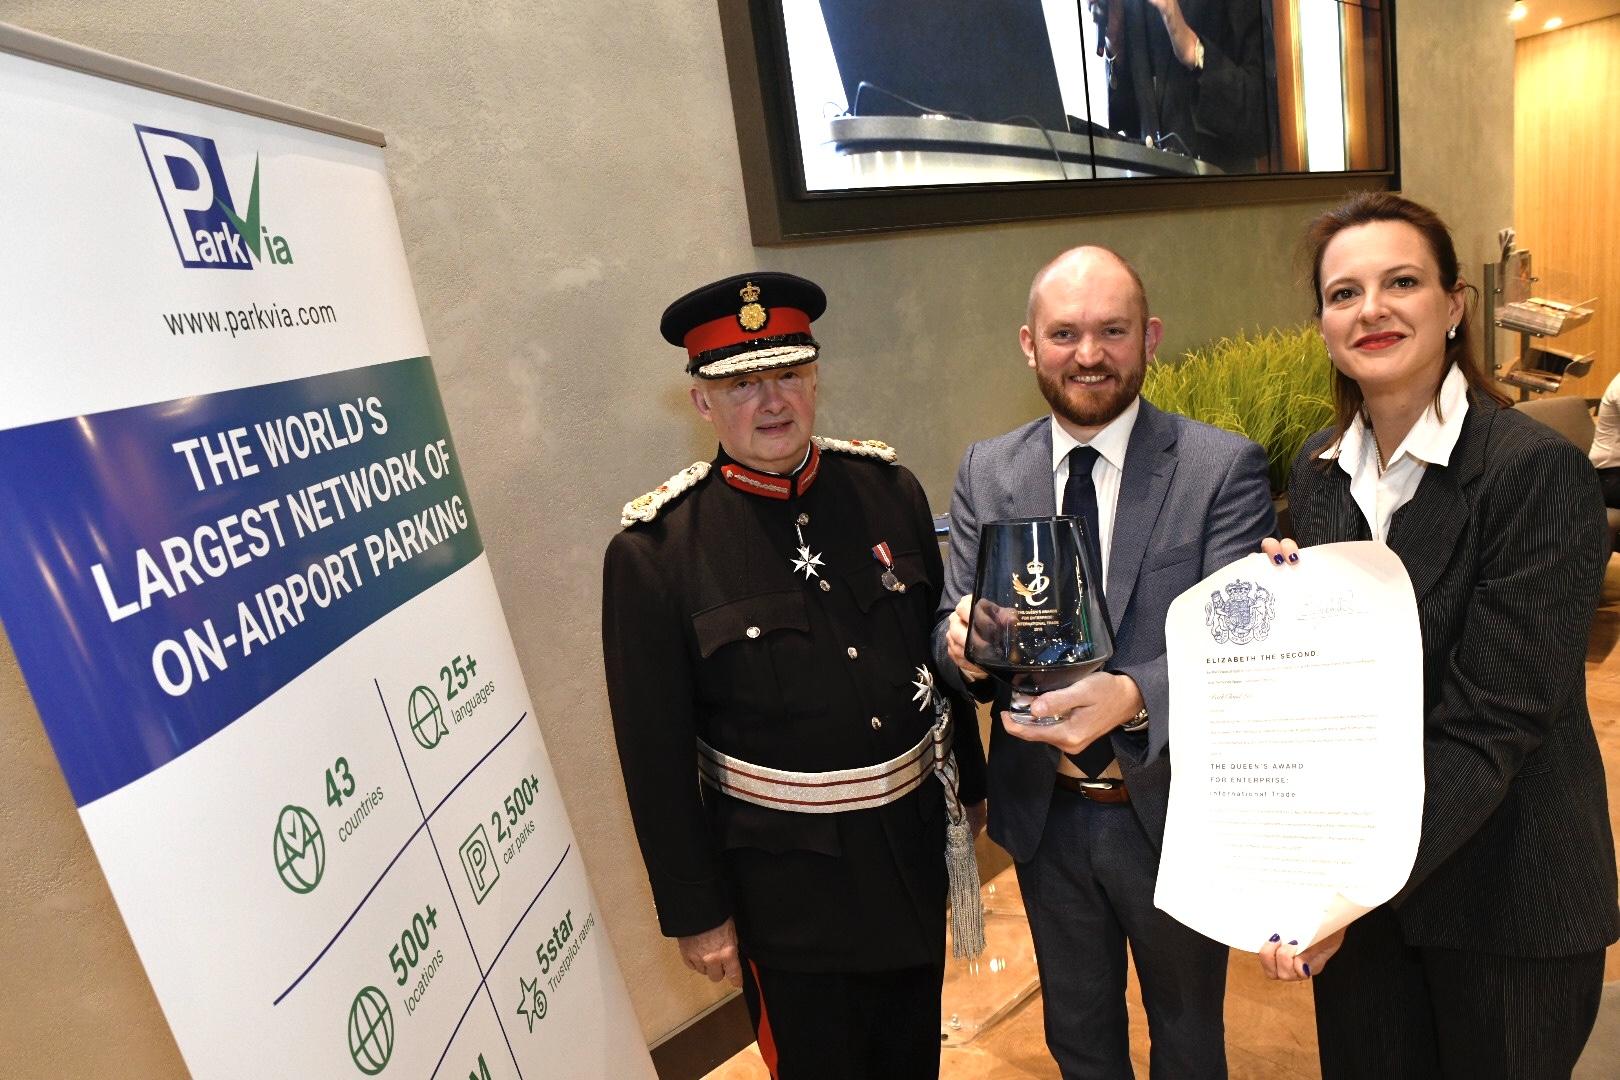 ParkVia vince per la seconda volta il Premio della Regina per le imprese!